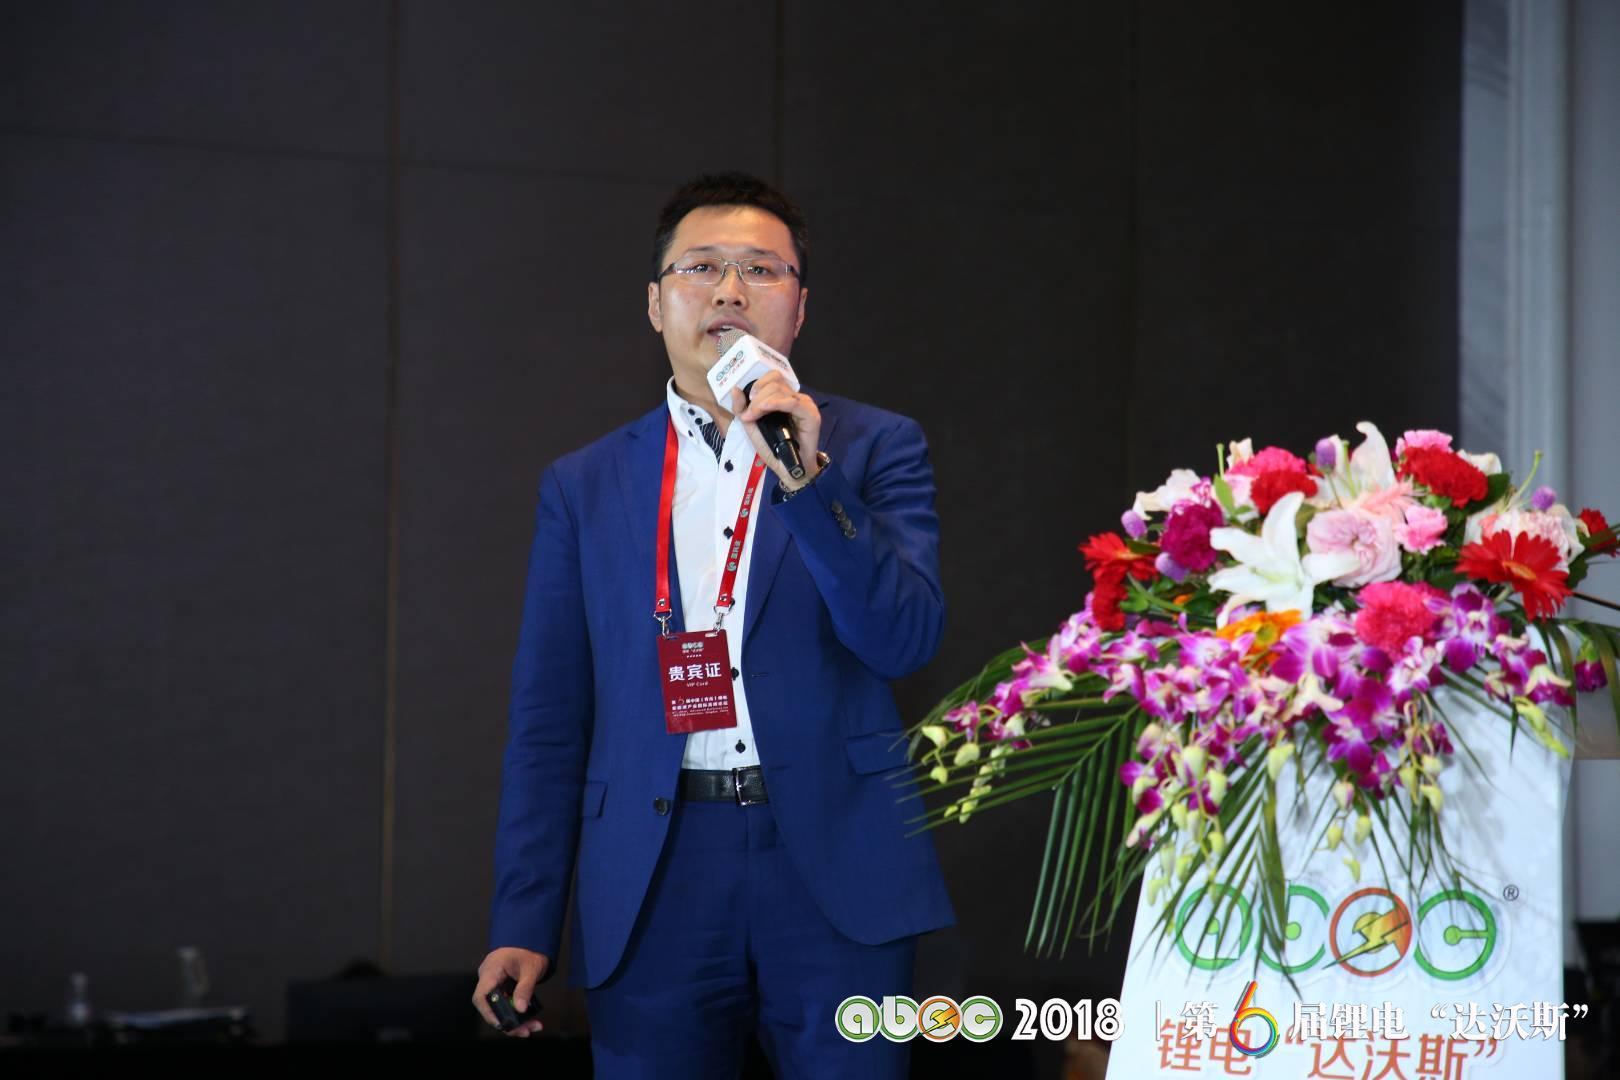 邓永康:新能源车海外布局加速 中游格局逐渐清晰